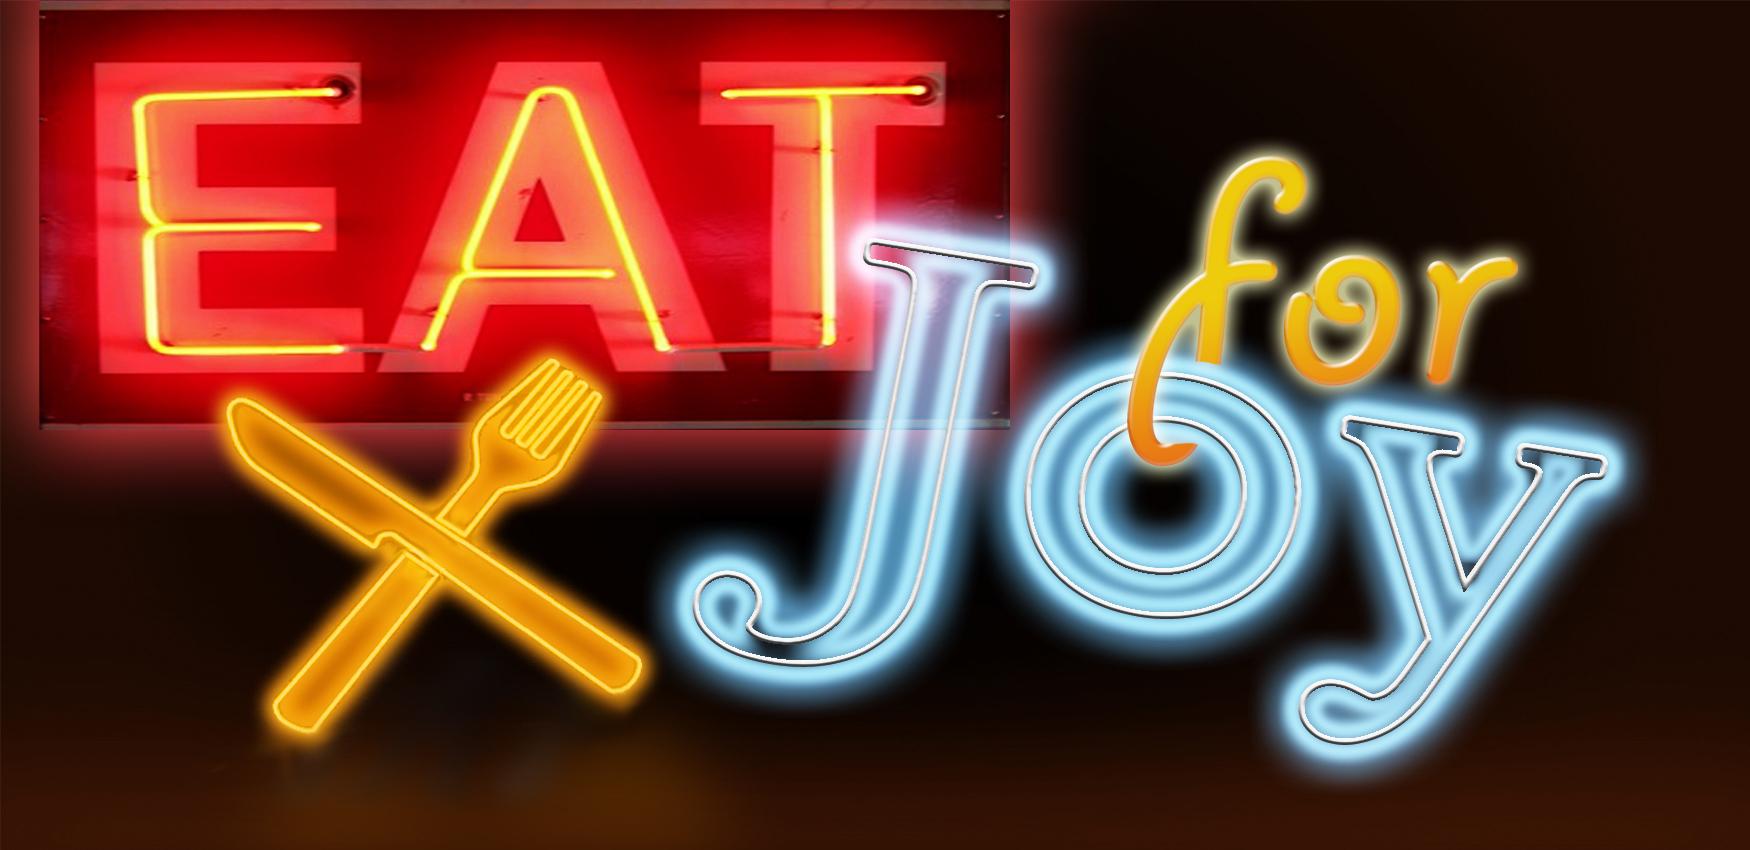 eat4joy_no_text.jpg